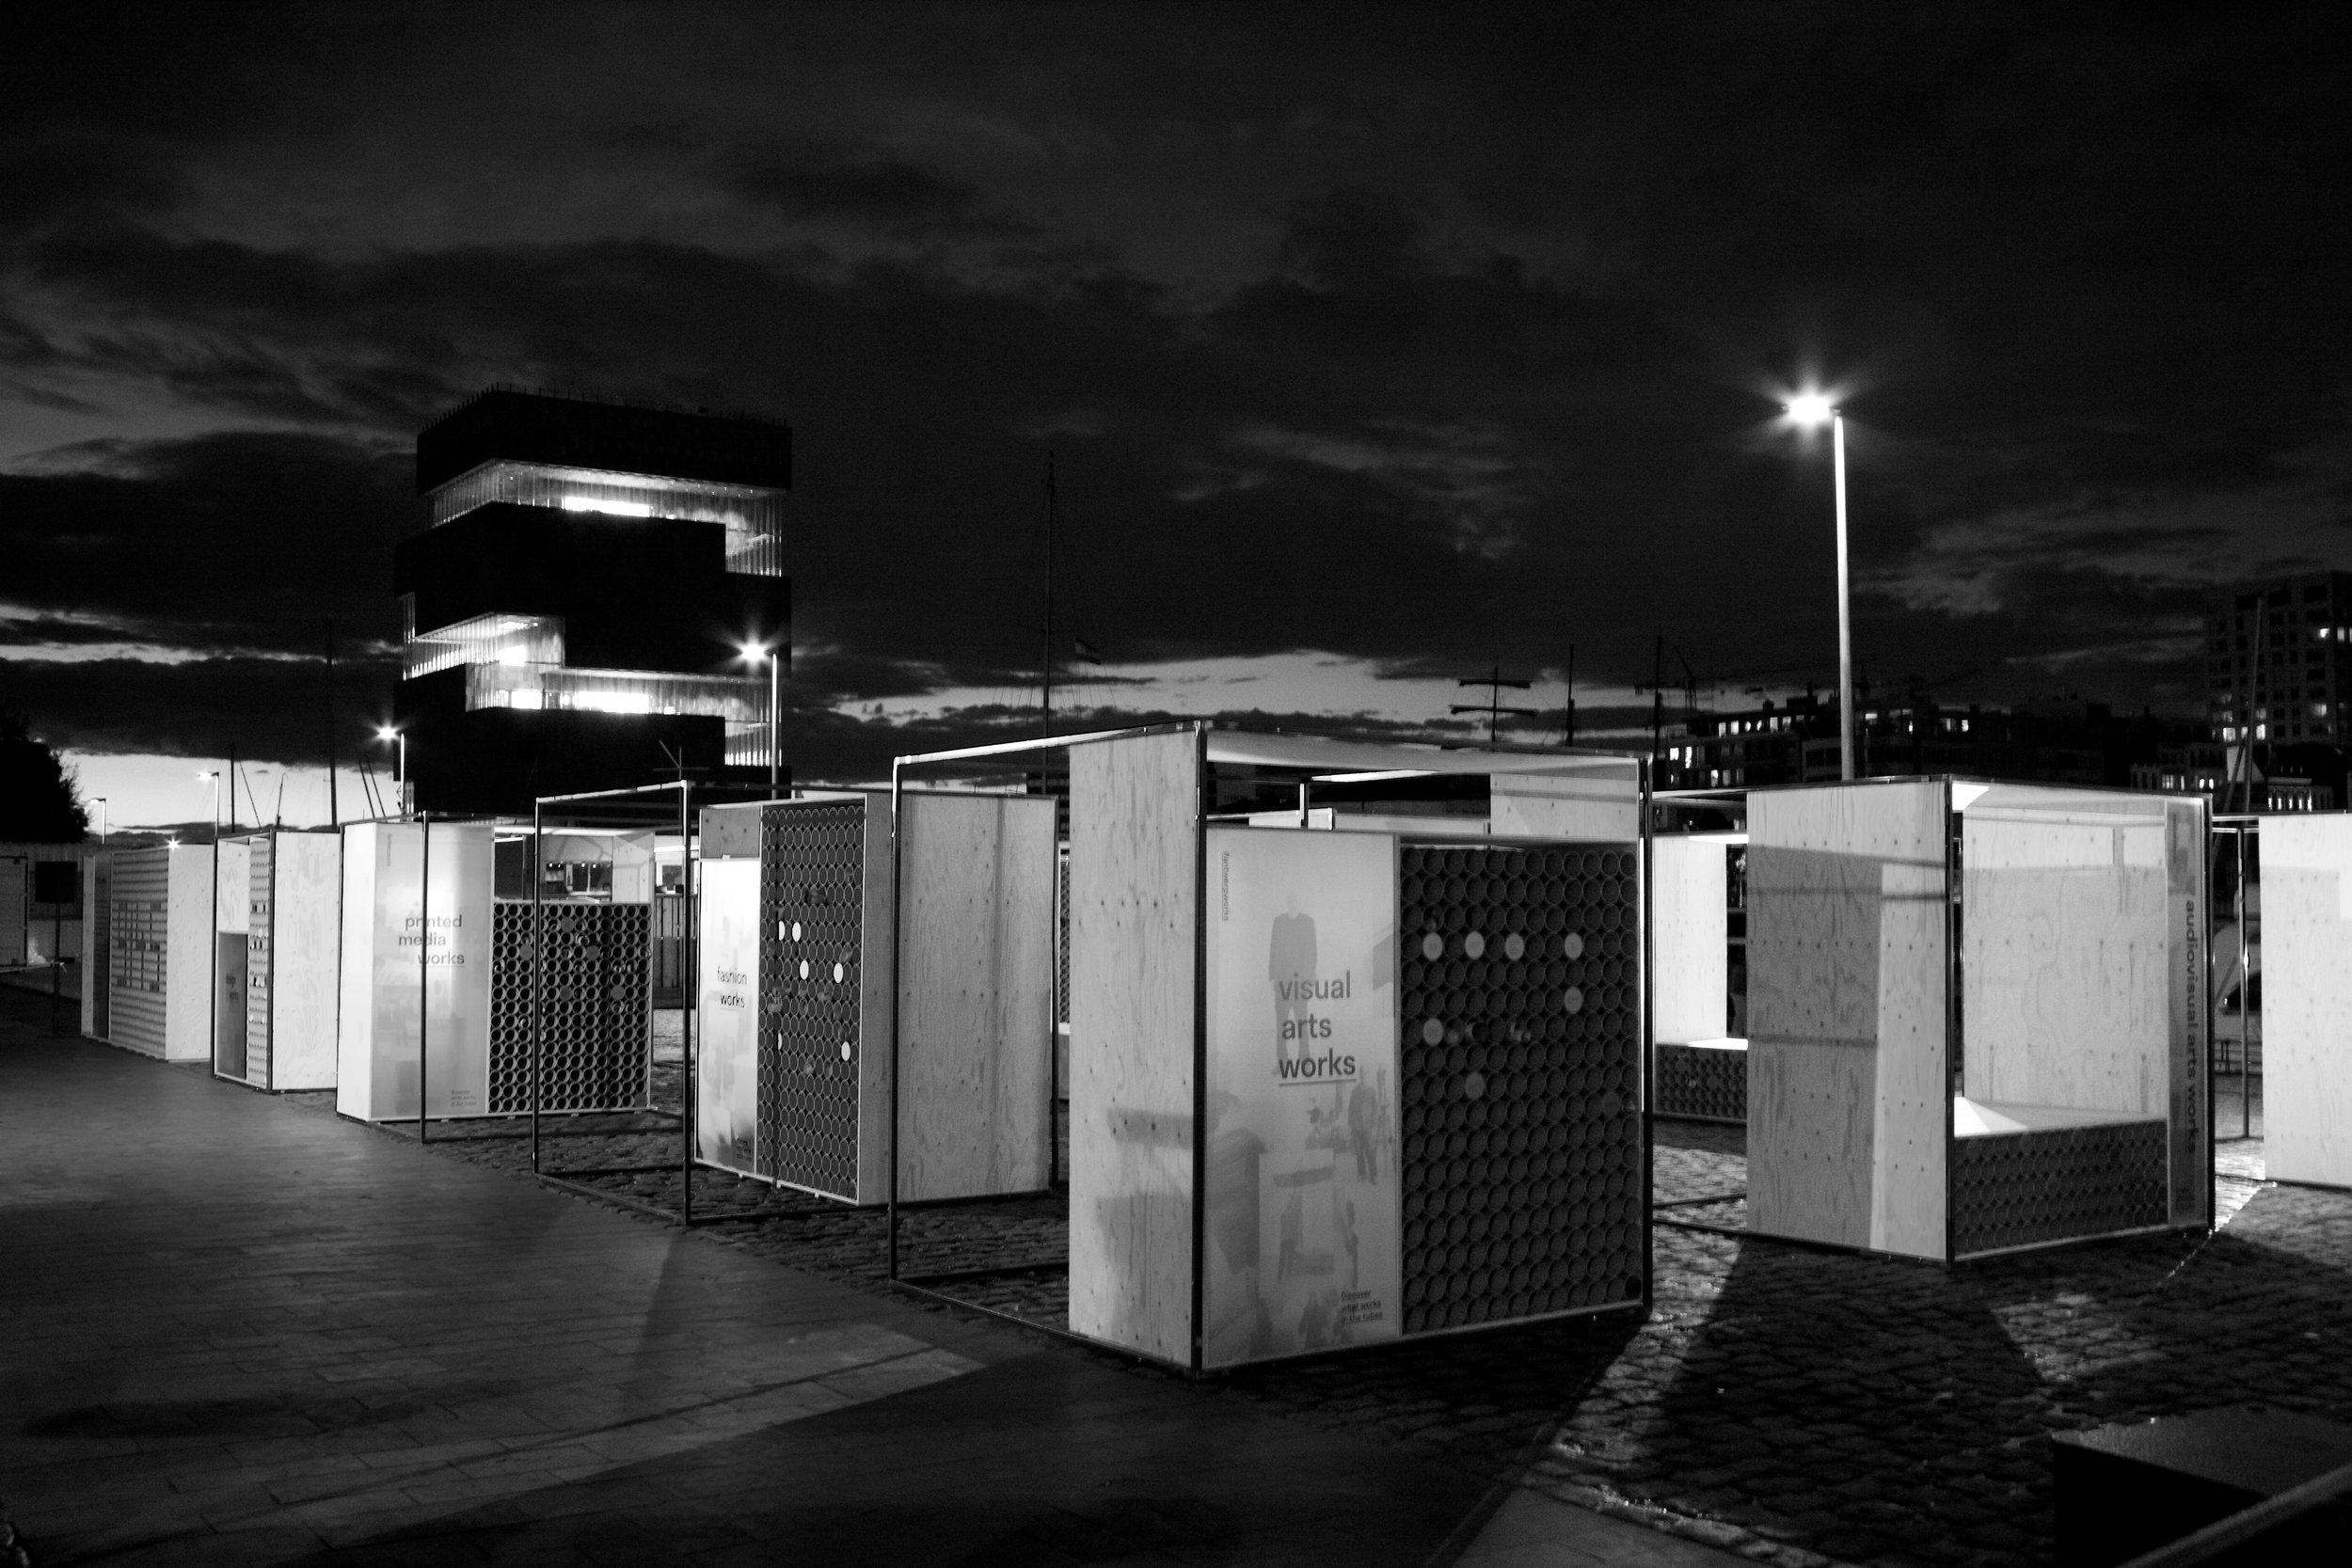 Antwerp WORKS set design show performance